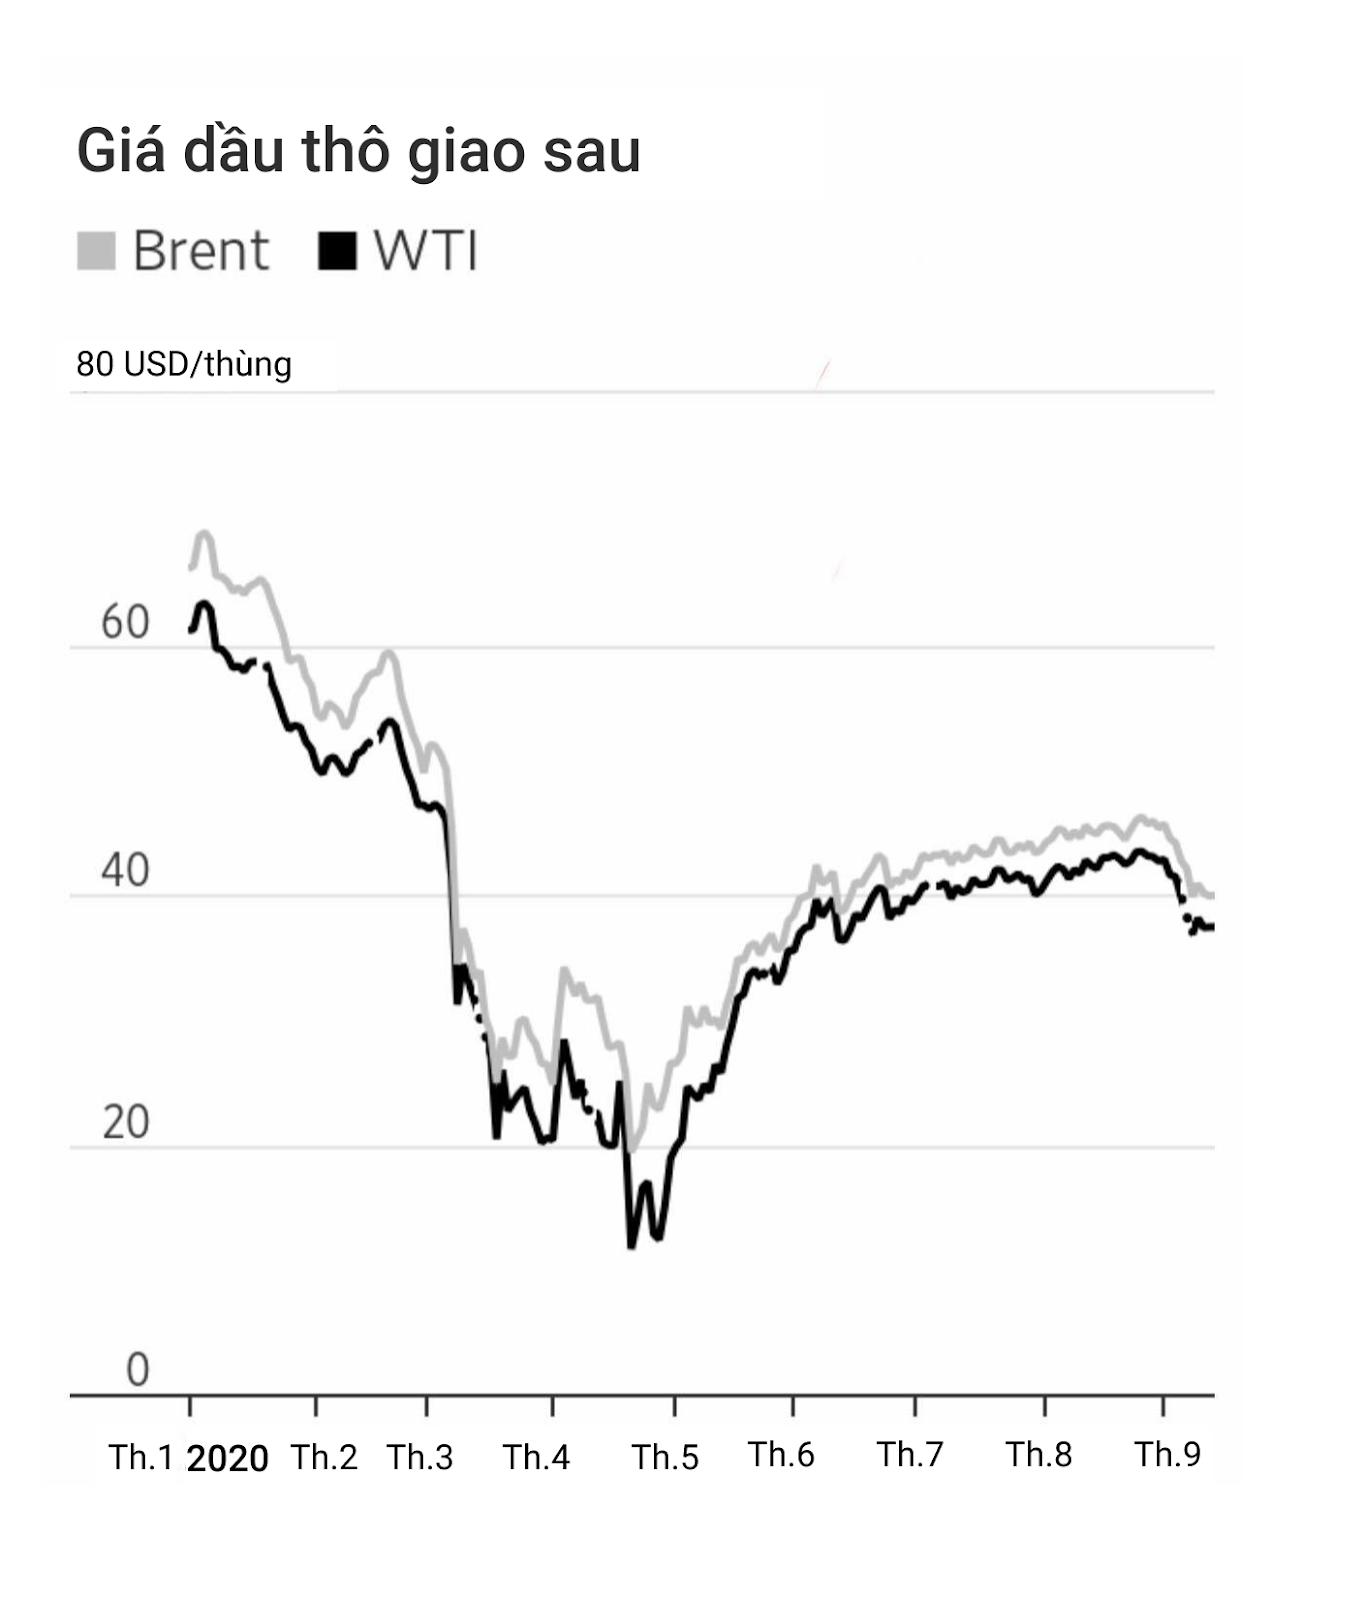 OPEC giảm dự báo nhu cầu dầu vào năm 2021 do tác động kéo dài của COVID-19 - Ảnh 1.